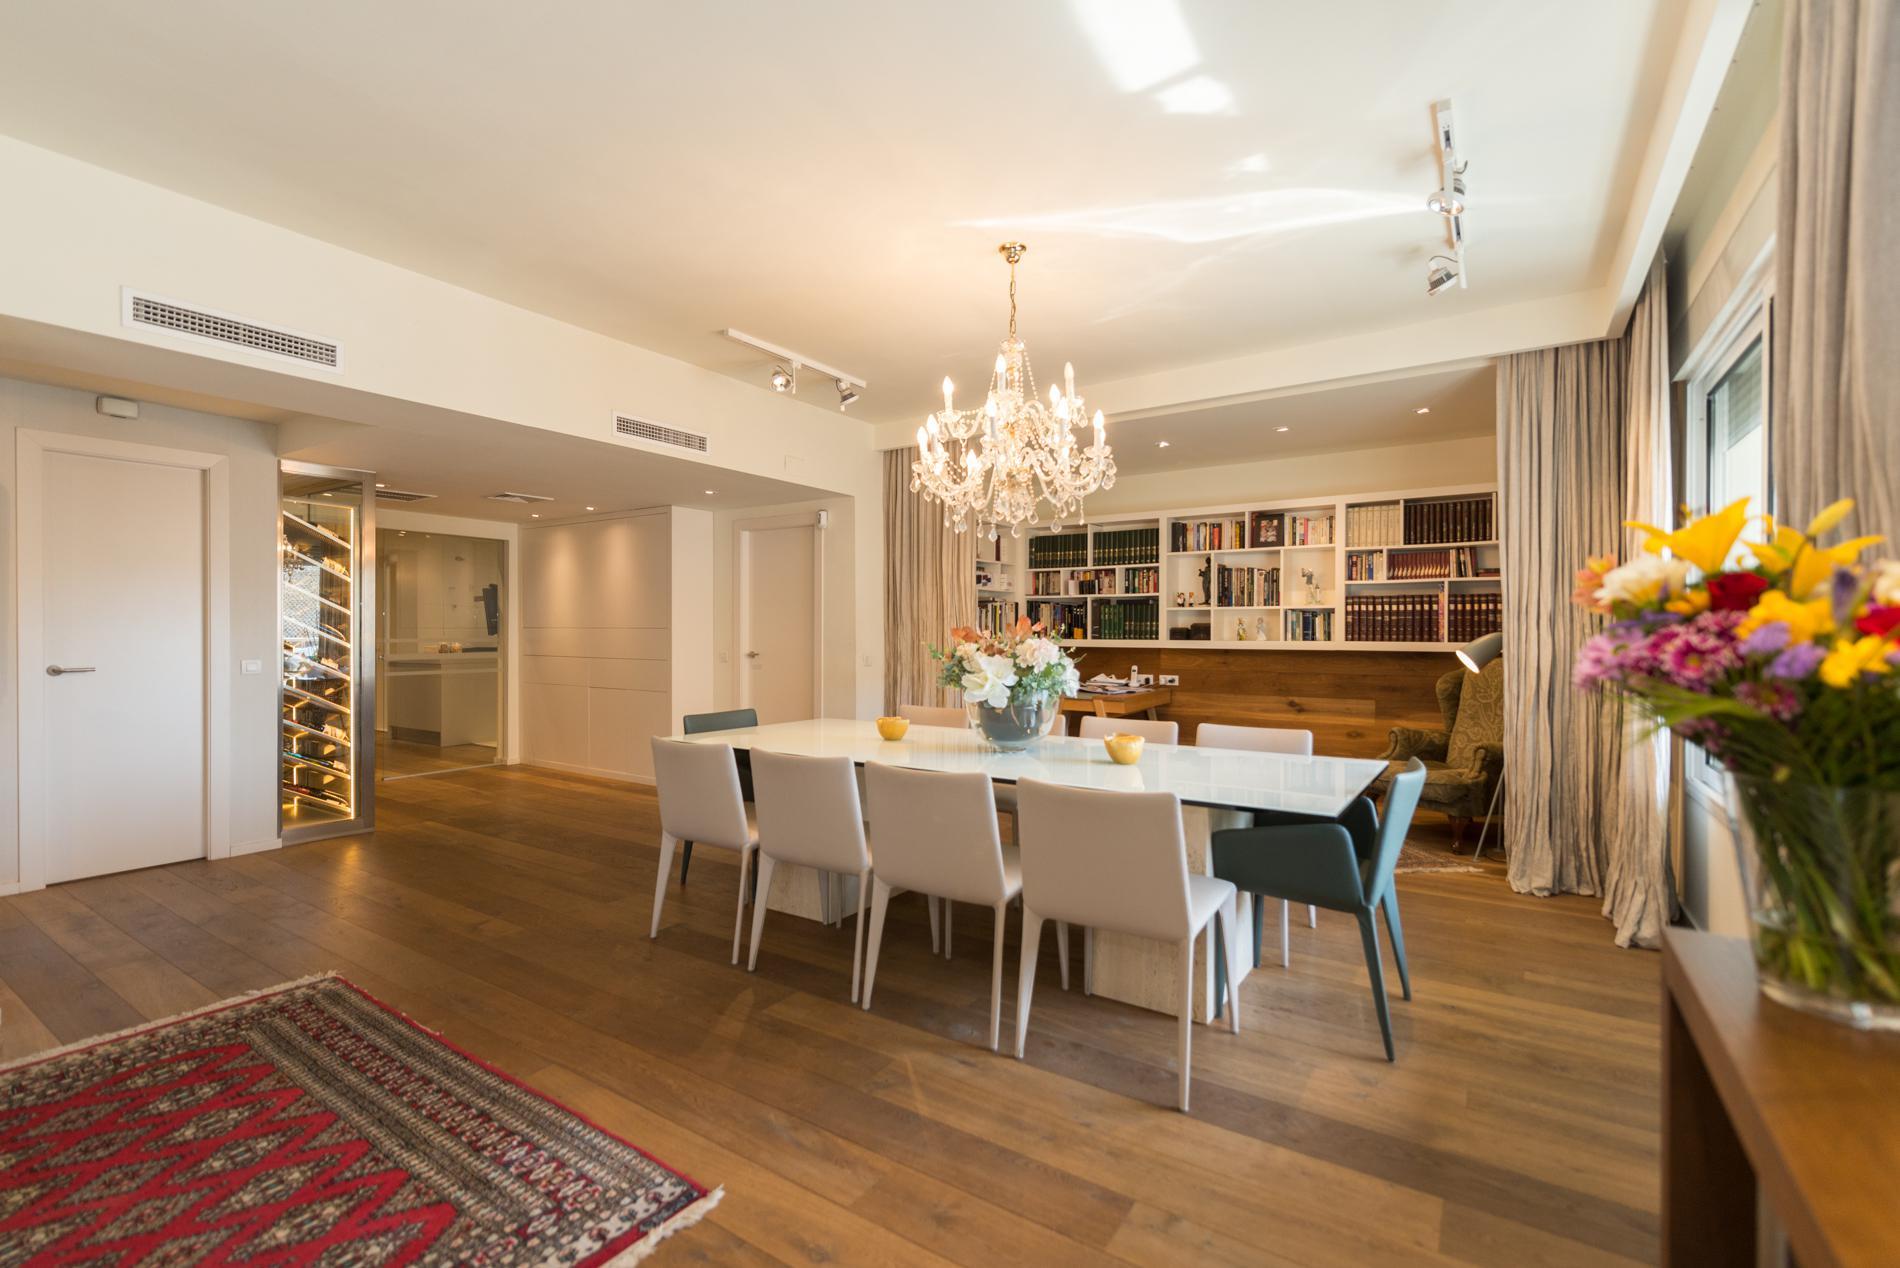 222426 Apartment for sale in Eixample, Dreta Eixample 1